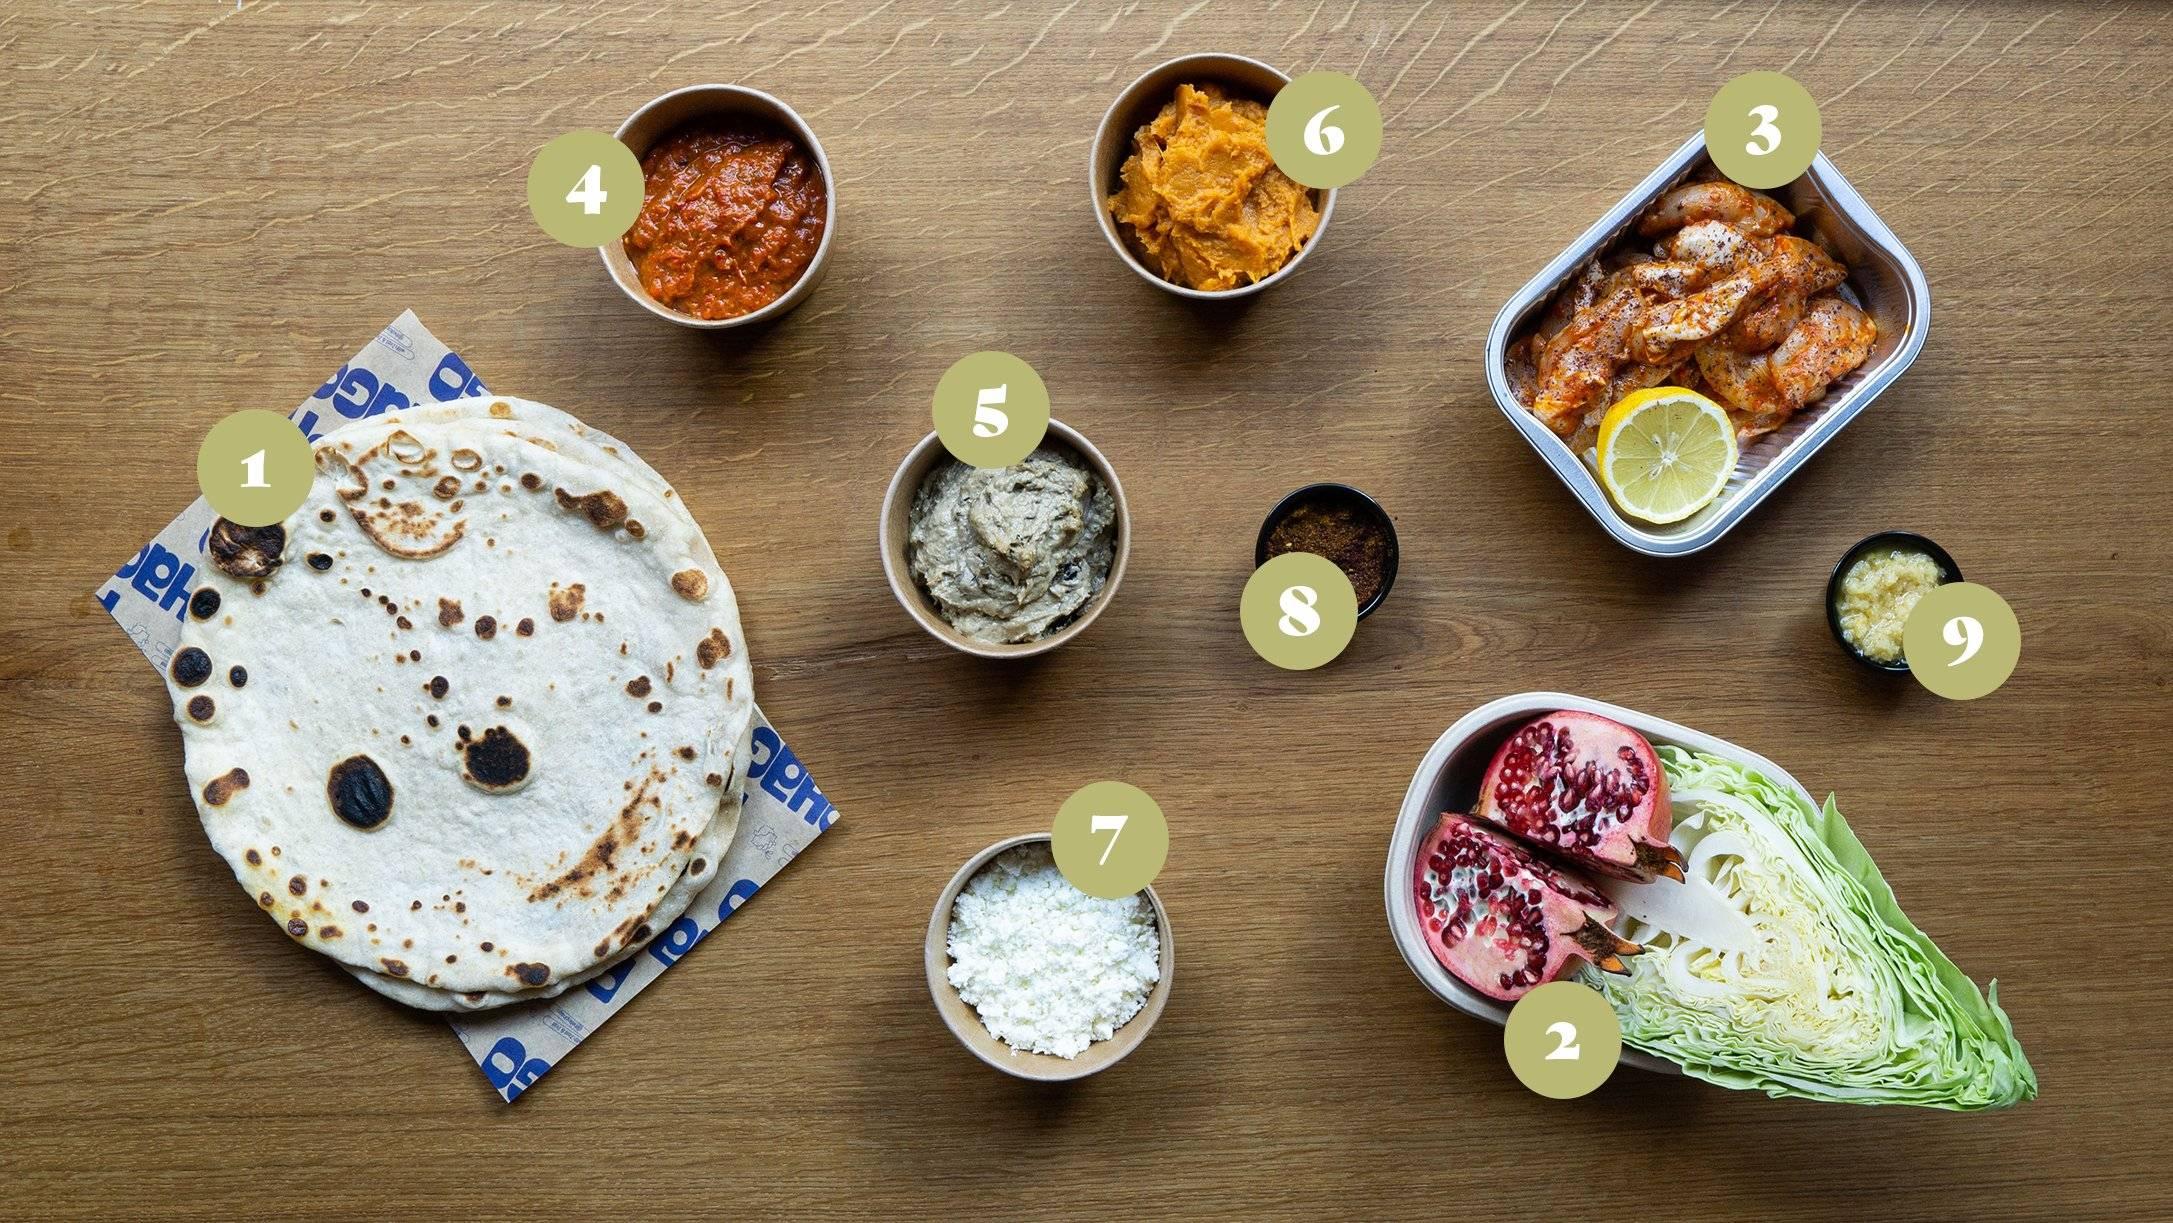 Opskrift og vejledning til Surdejs fladbrød med kylling, romesco, baba ganoush,  mos af sød kartoffel, citronvinaigrette og sprødt grønt